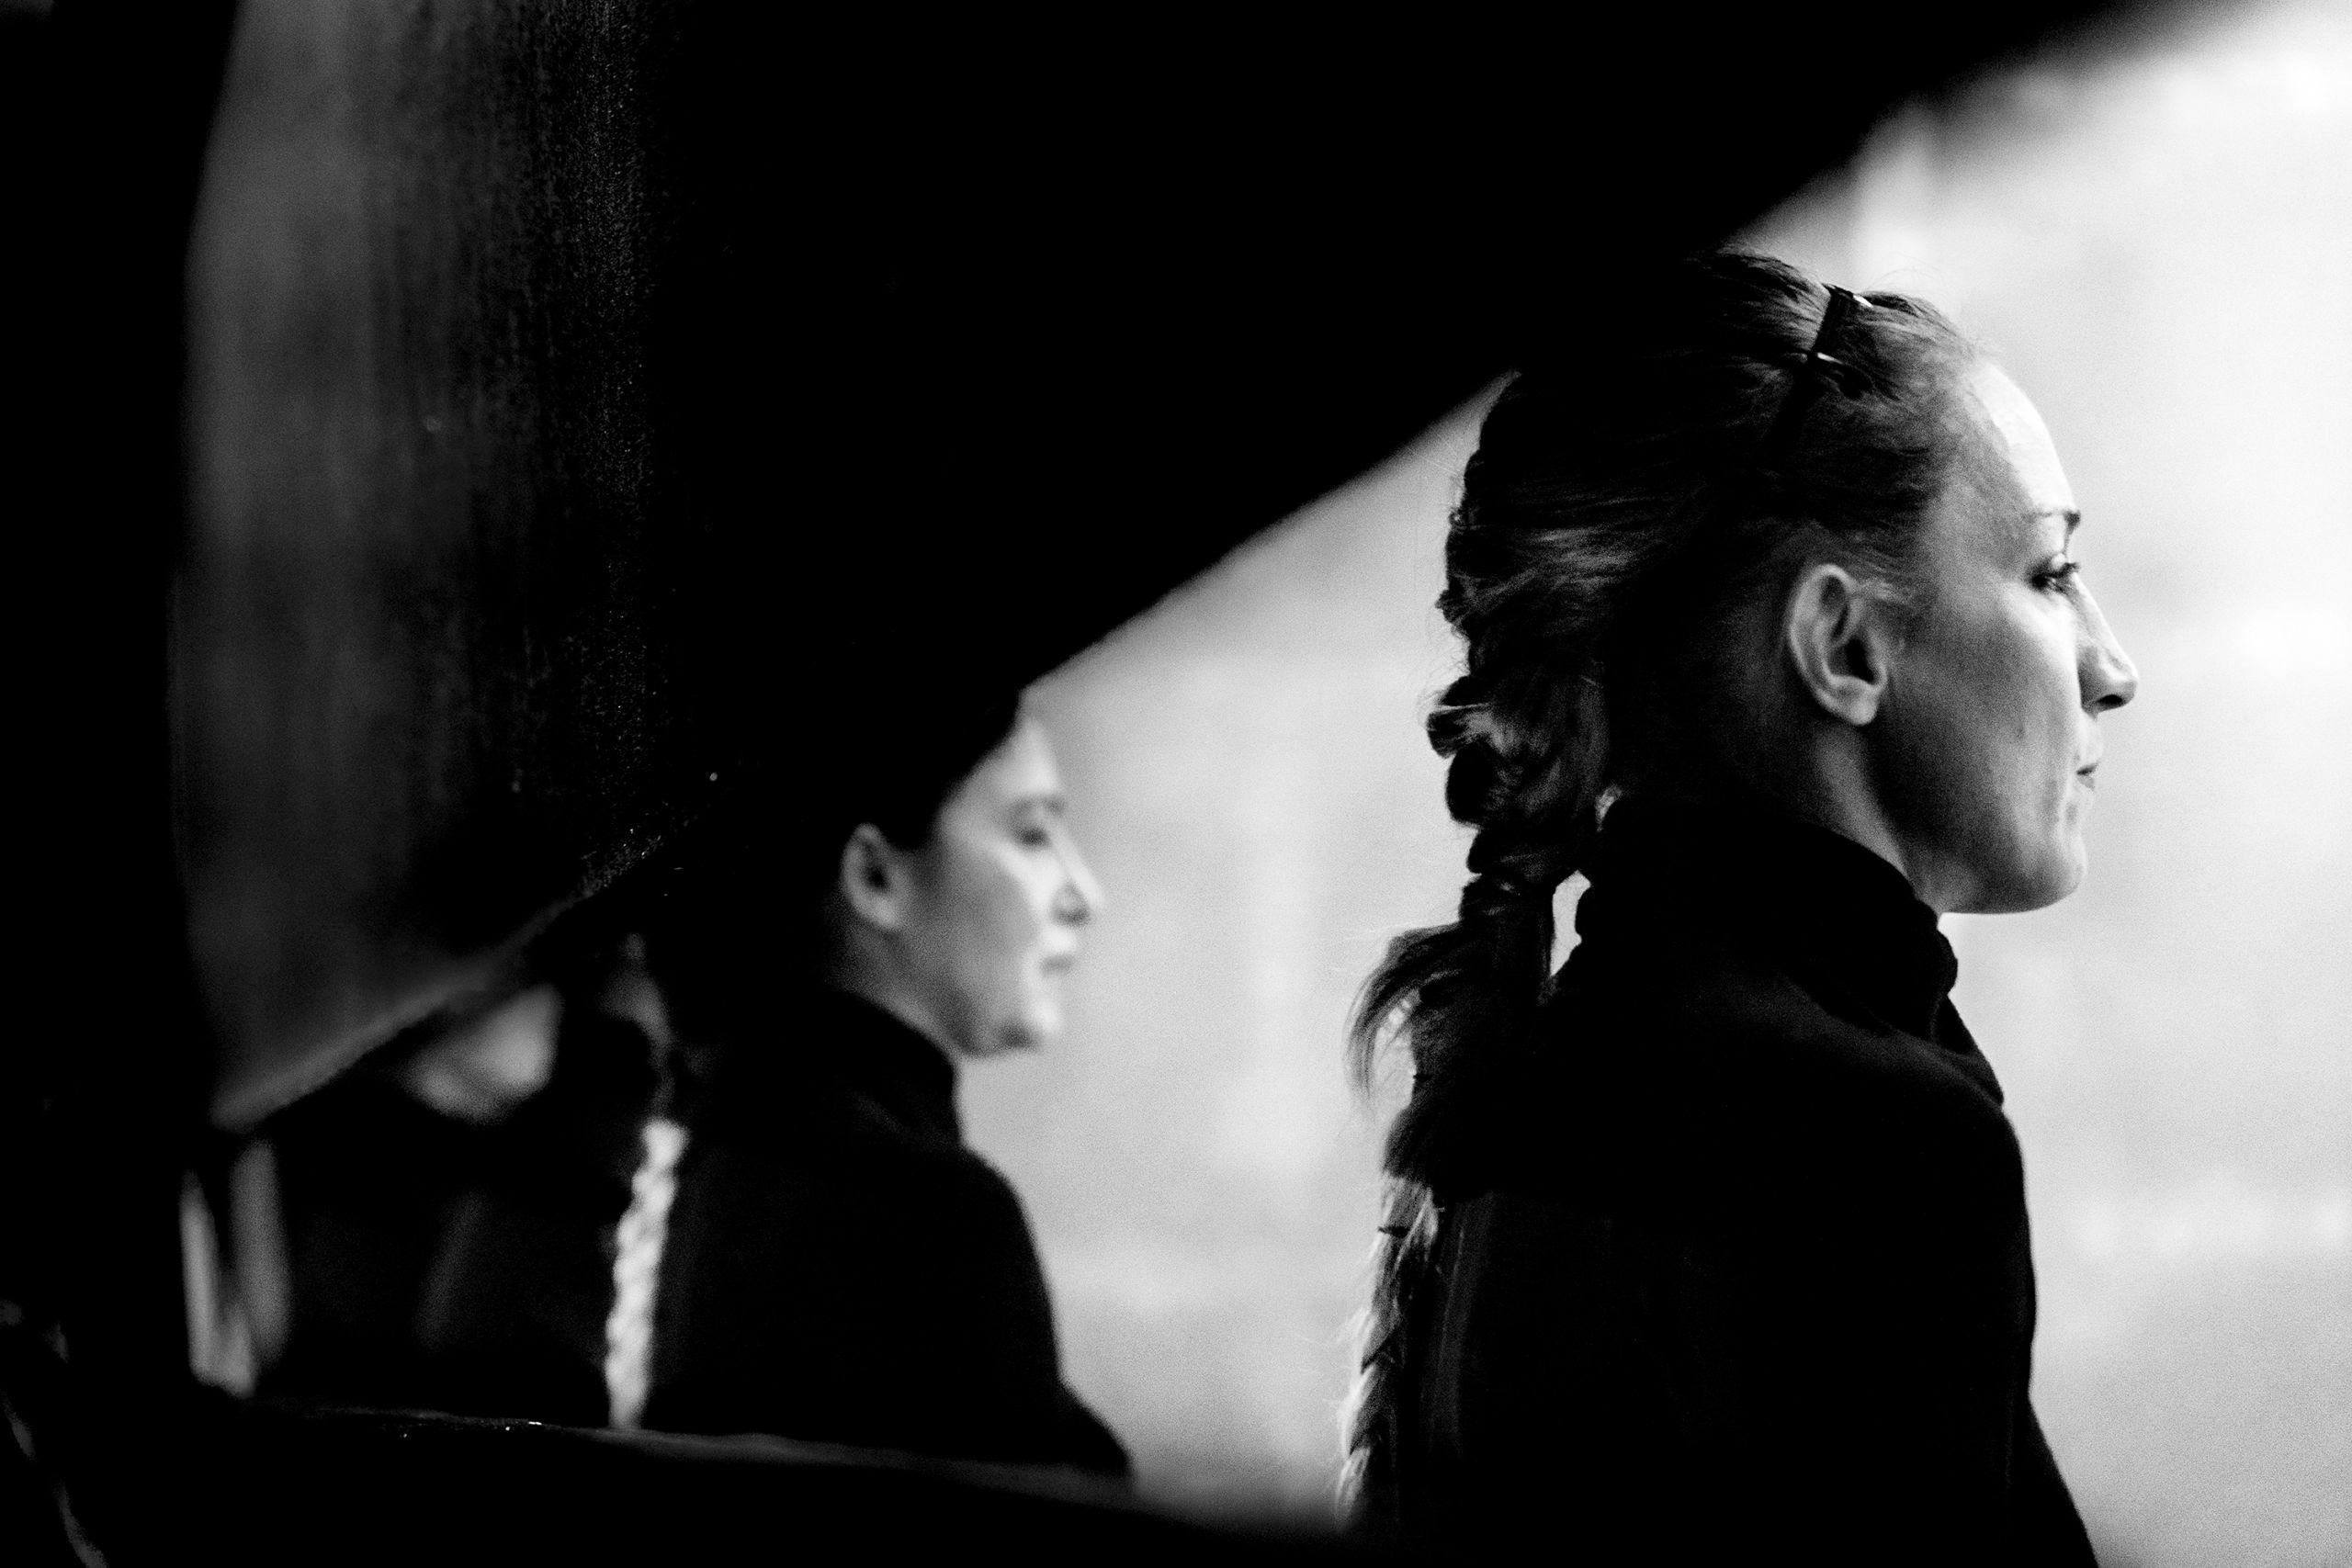 Στην πρόβα: «Φαίδρα» στο Θέατρο Προσκήνιο – Η φύση σε περιορισμό - Monopoli.gr